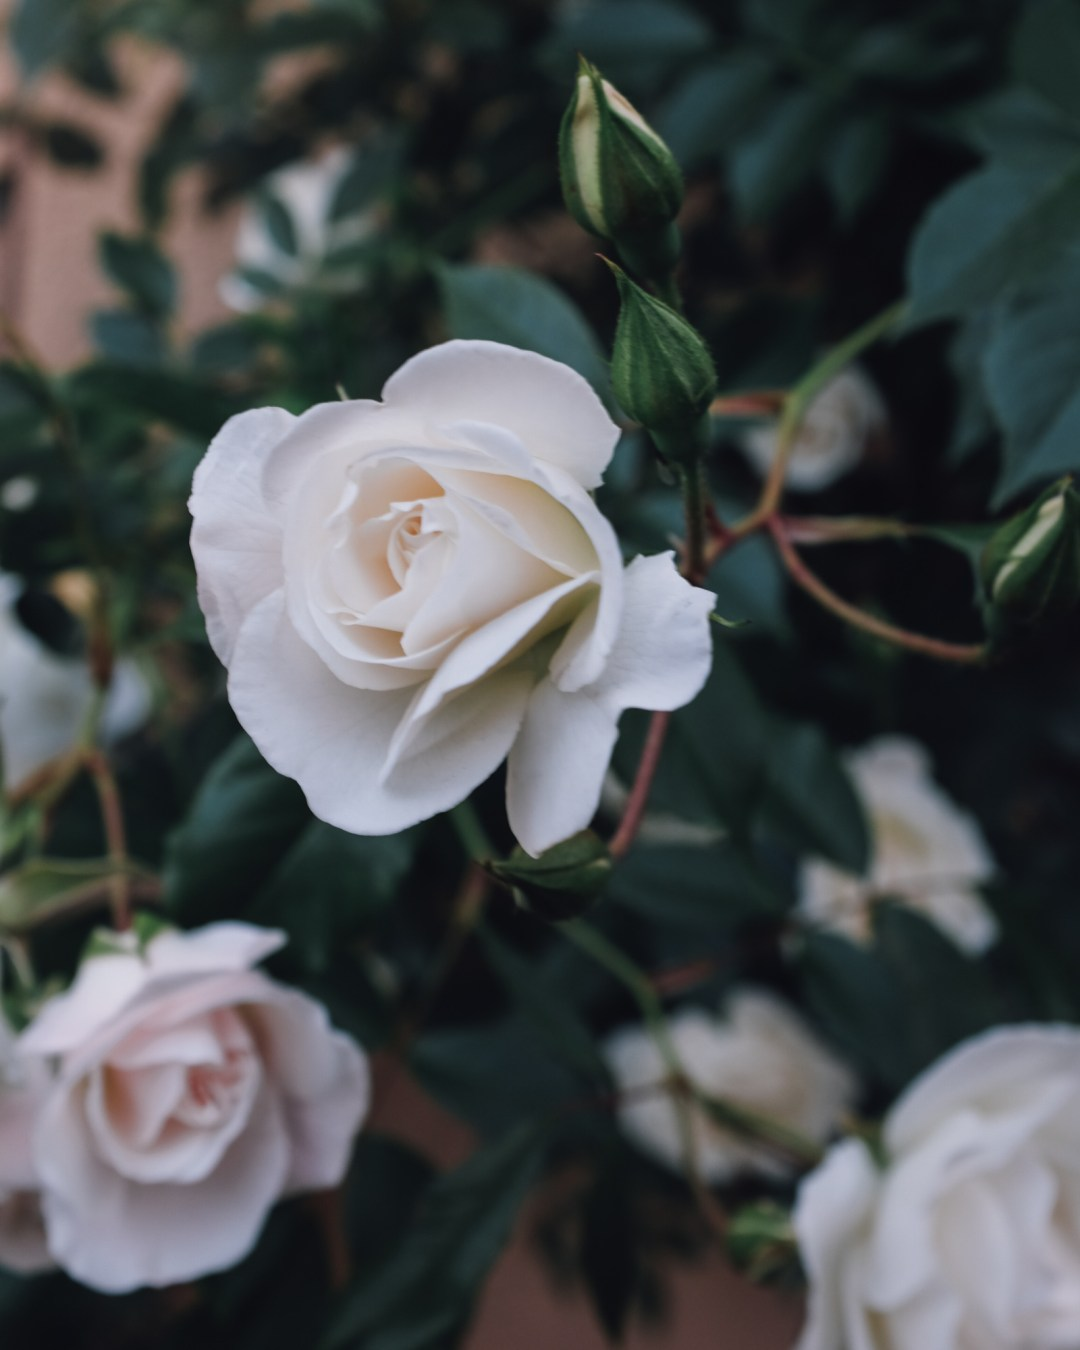 inastil, over50blogger, rosen, historische rosen, garten, sommergarten, rosengarten, gartenliebe, holler, holunder, holundersirsup, hugo, sommerabend, rosenliebe, haus und garten, rosenstrauß-11